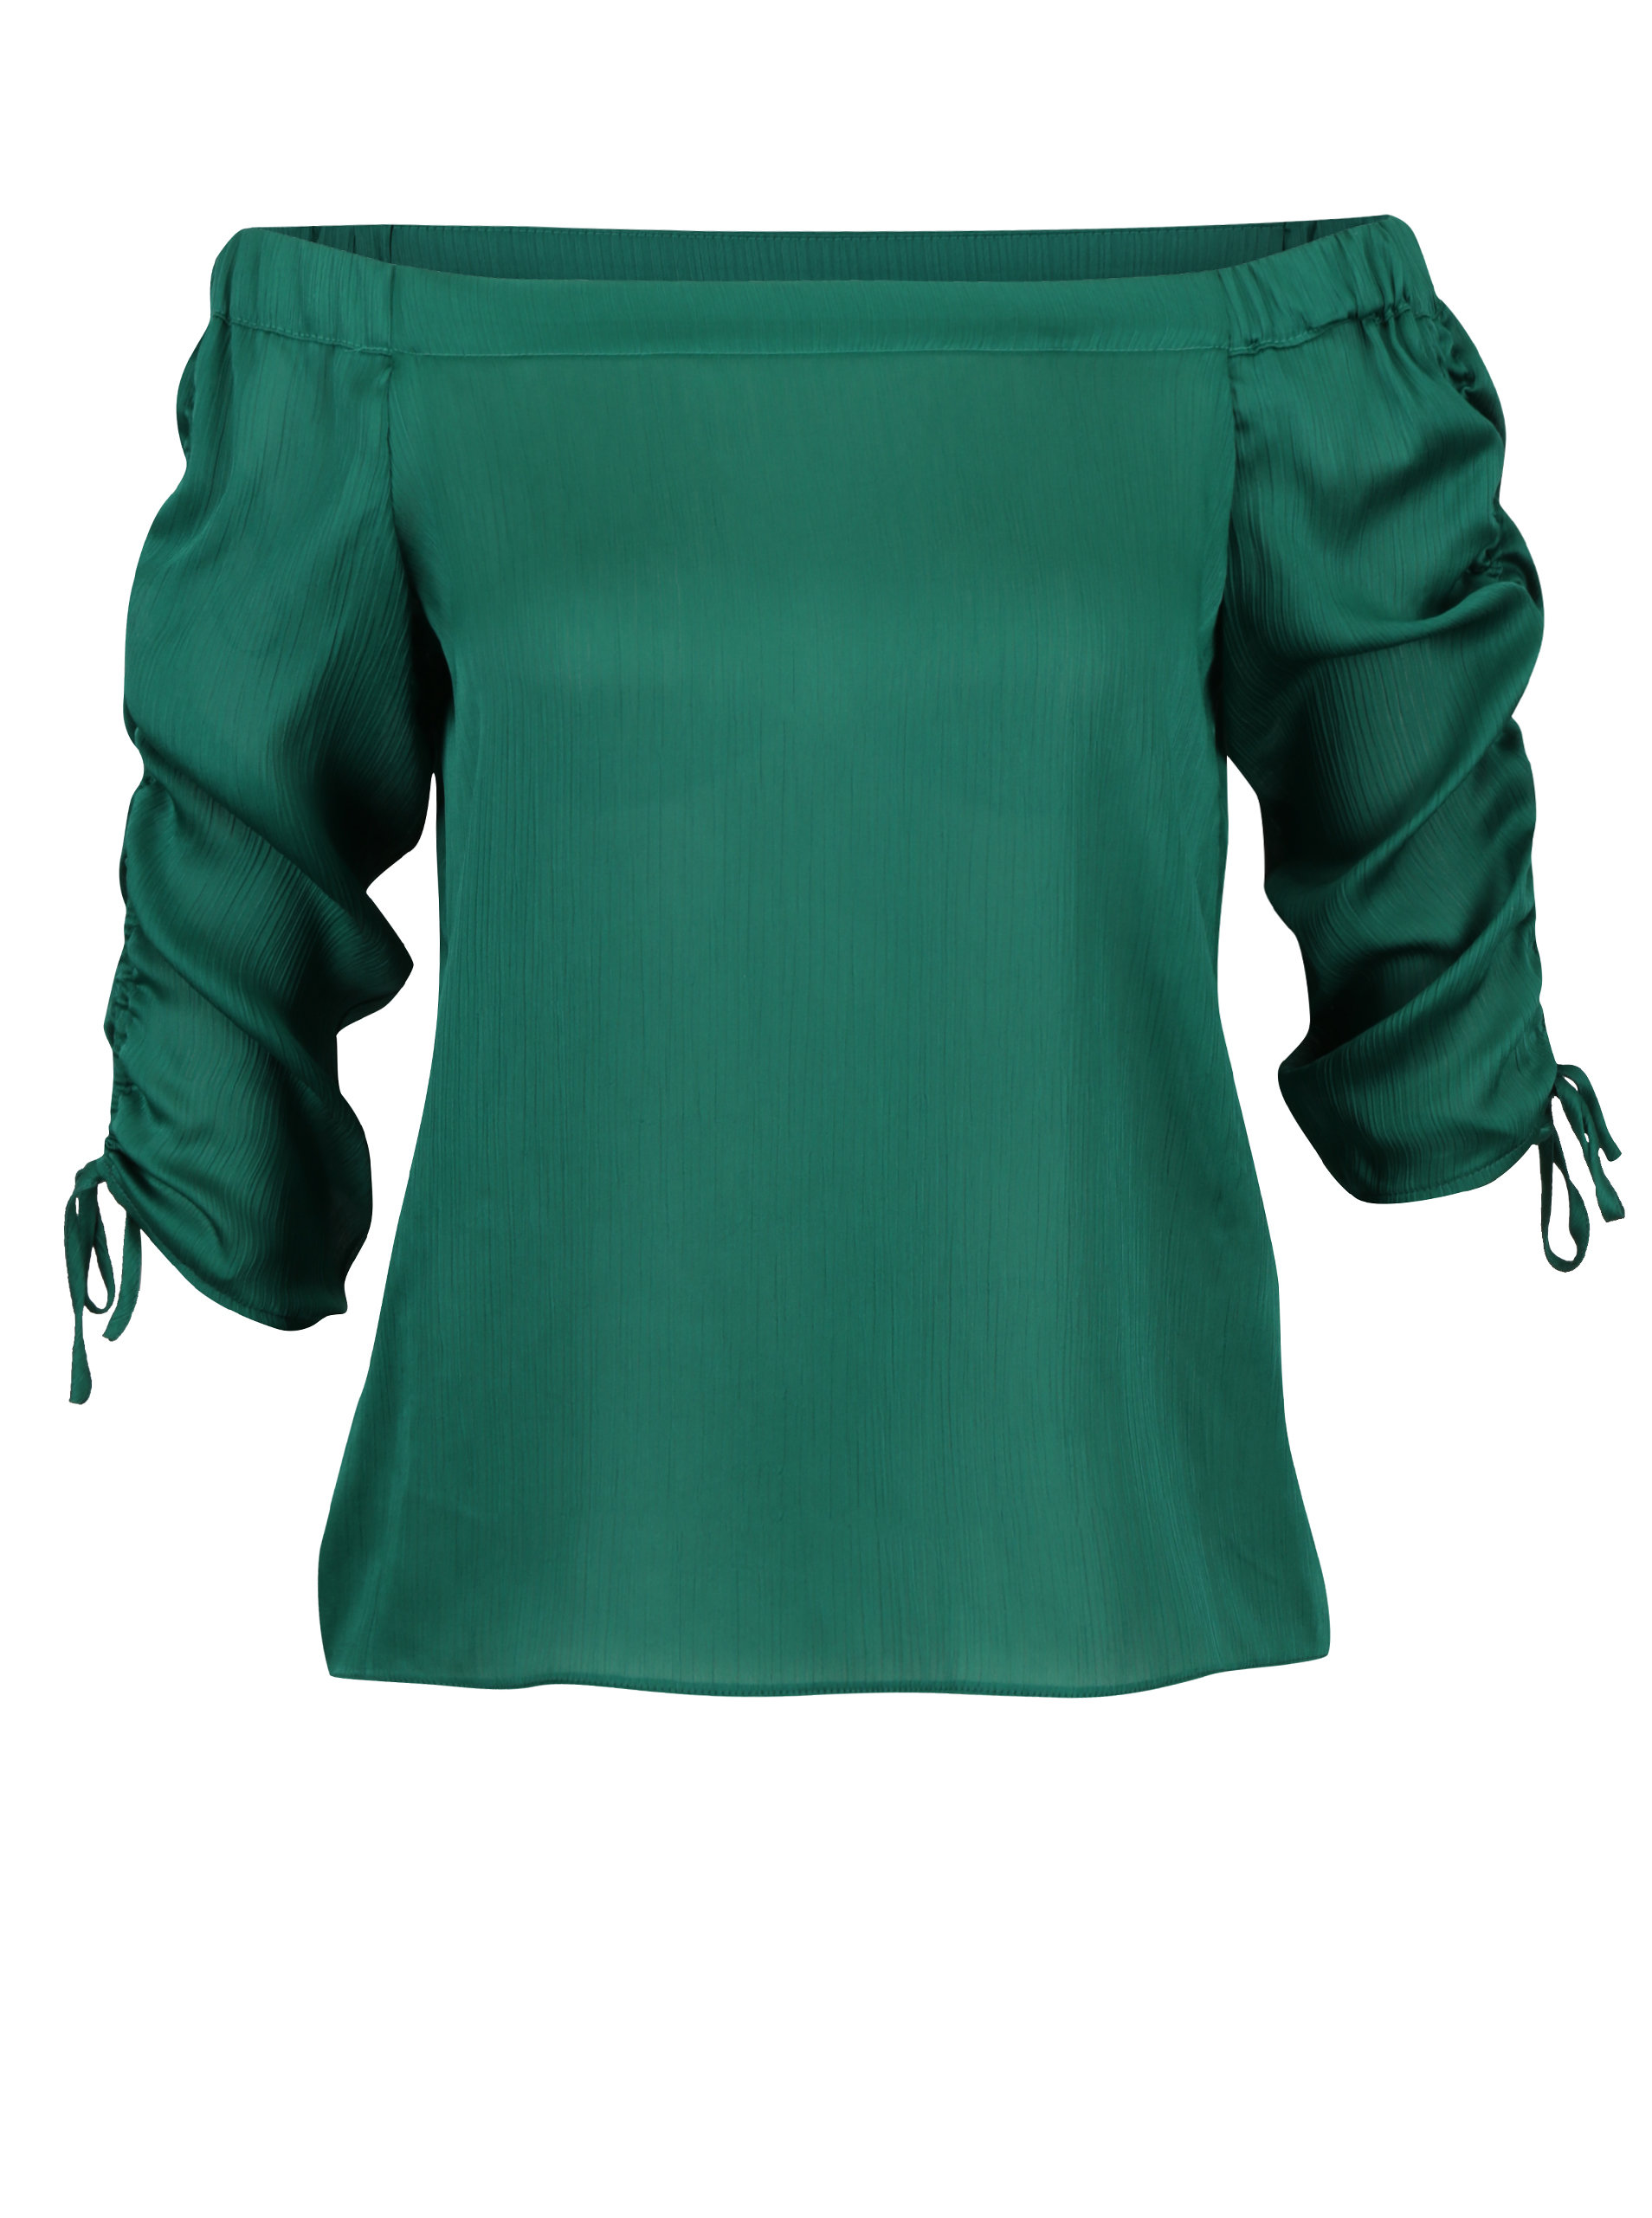 909a3565ebd4 Zelená blúzka s odhalenými ramenami Dorothy Perkins Petite ...